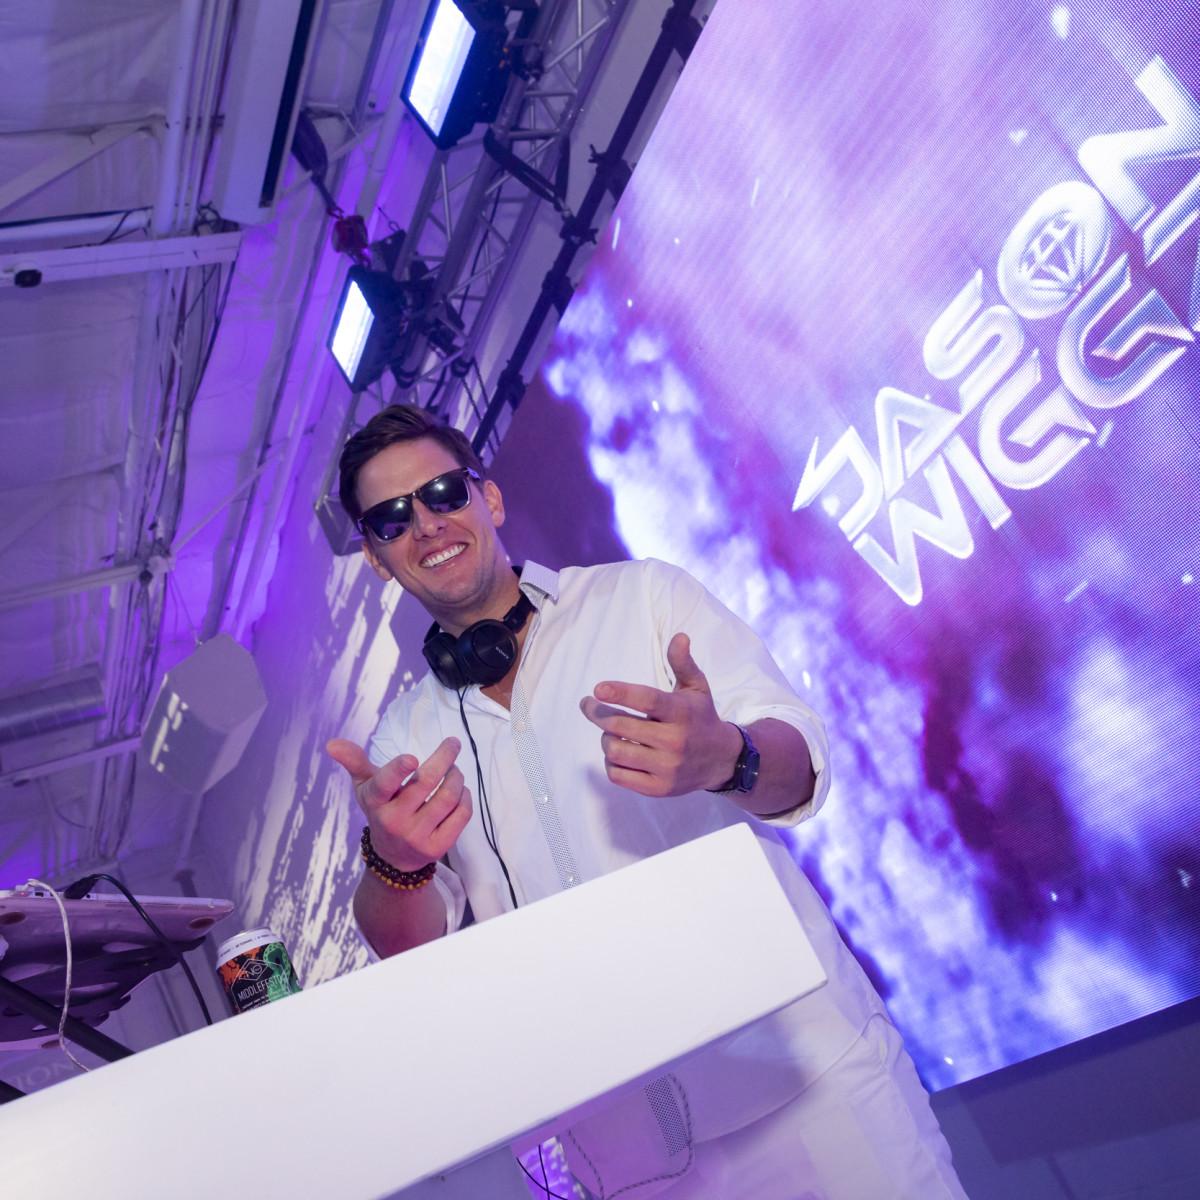 DJ Jason Wiggz